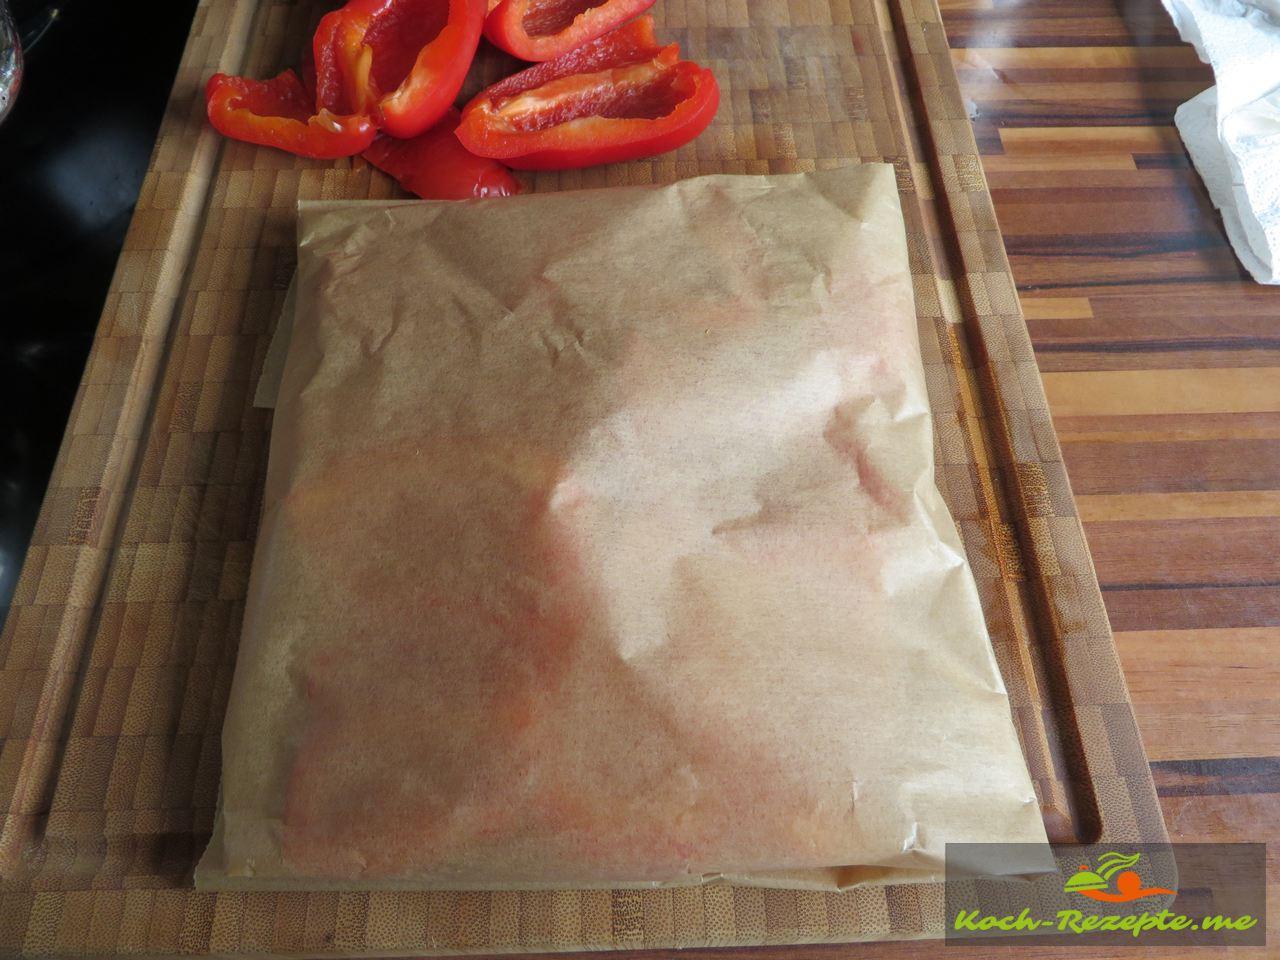 Fertiges Päckchen der roten Paprika